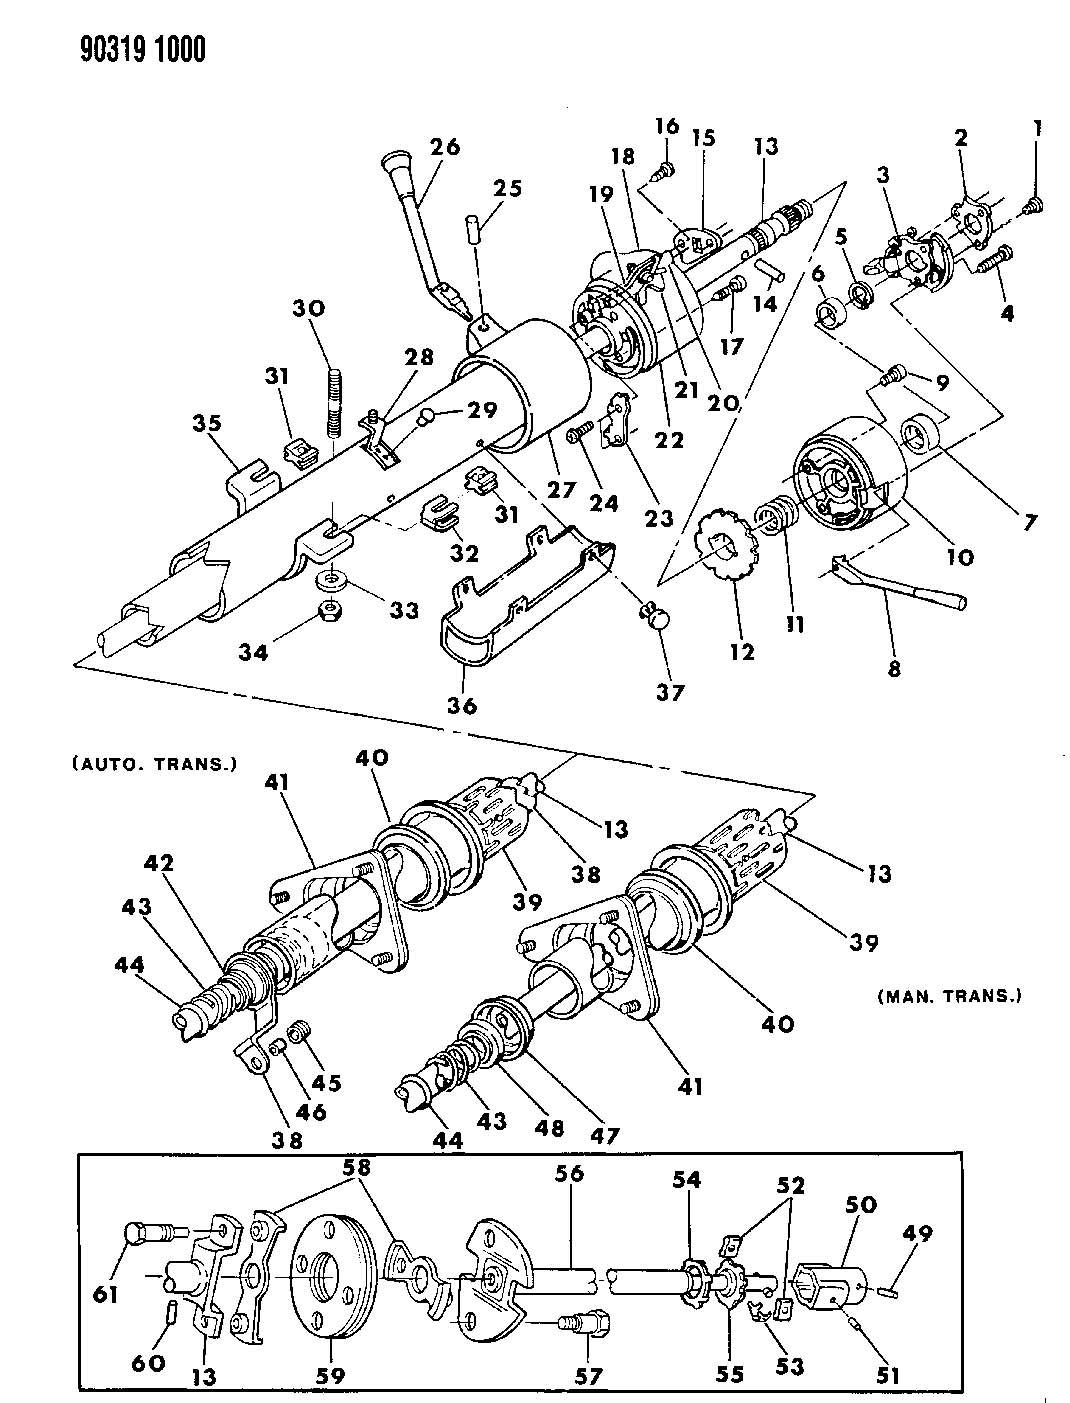 1986 Chrysler Lebaron Spacer  Steering Column  Lower  Tilt  Body